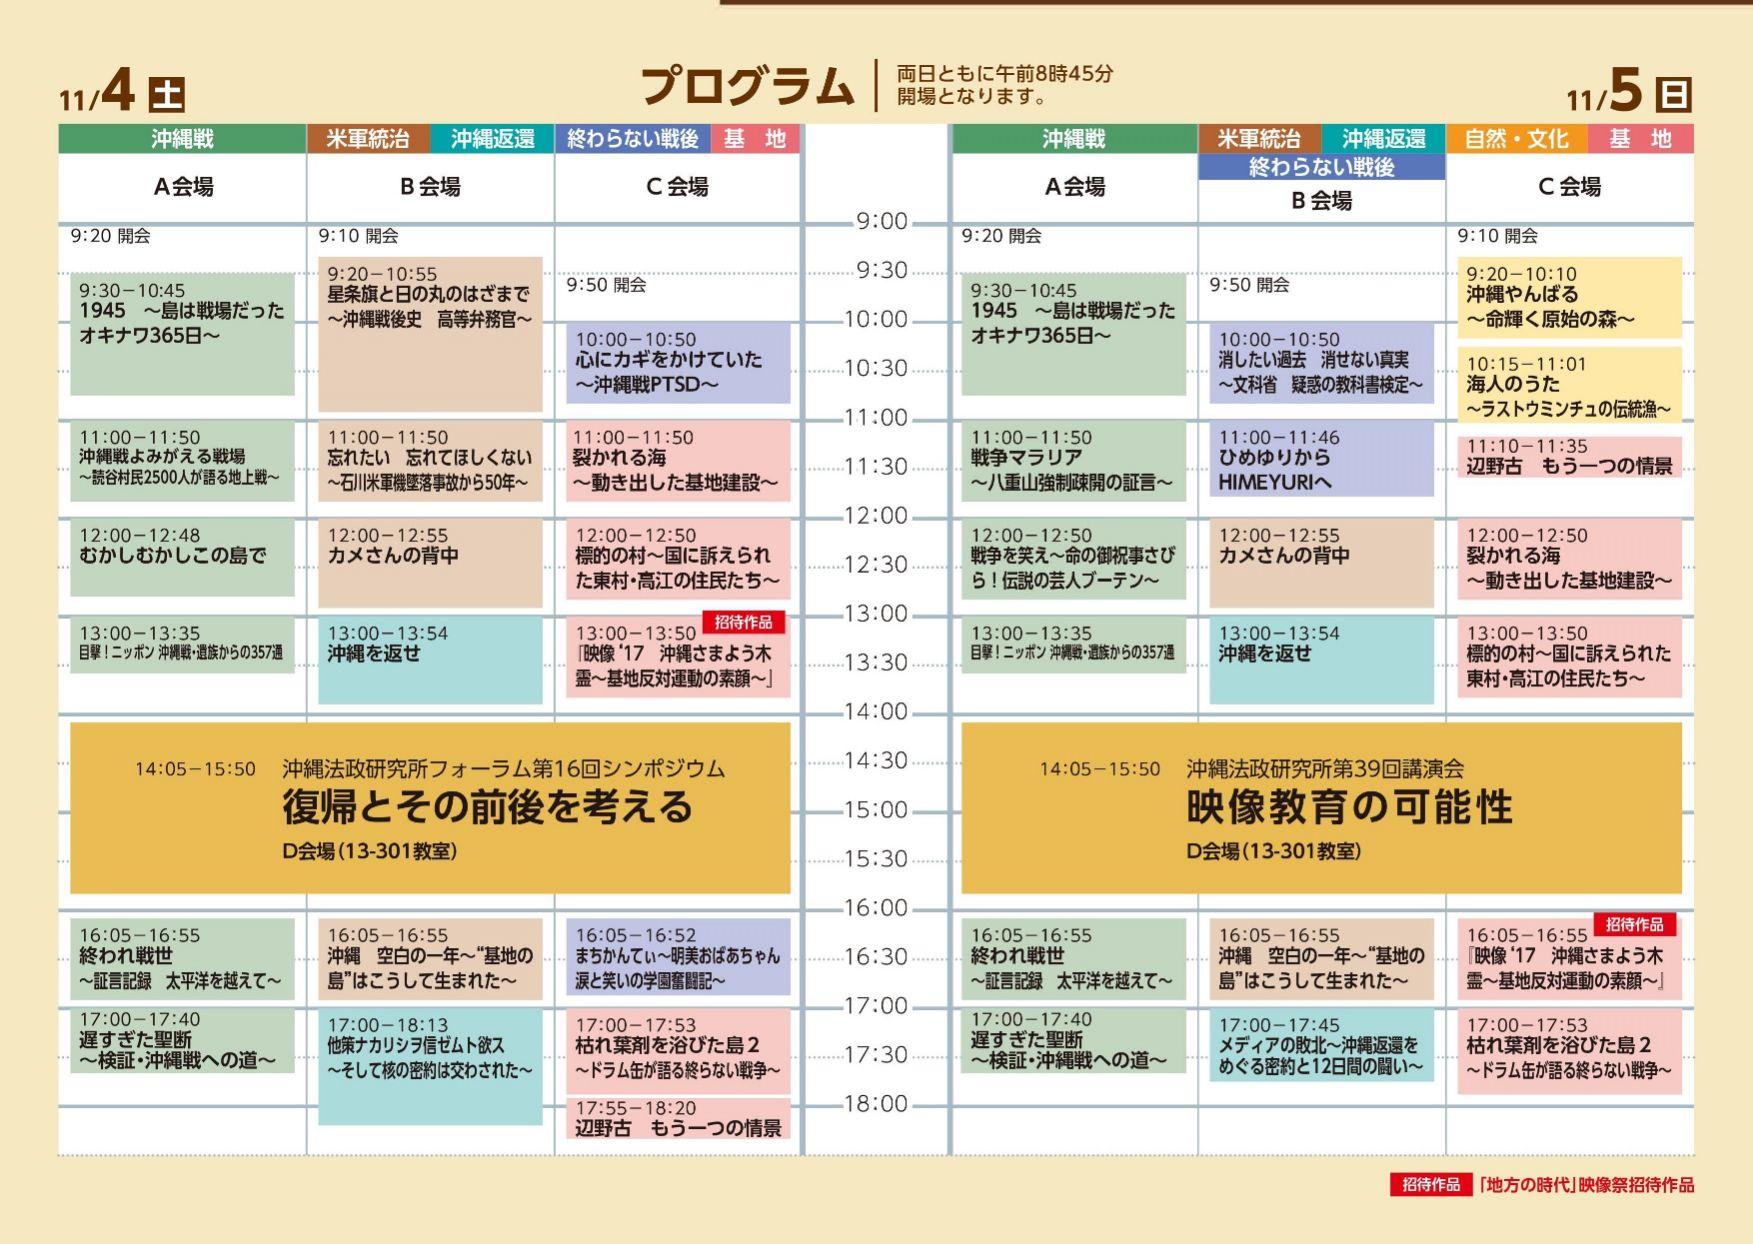 『沖縄現代史を見る』with沖縄映像祭(「地方の時代」映像祭提携企画)